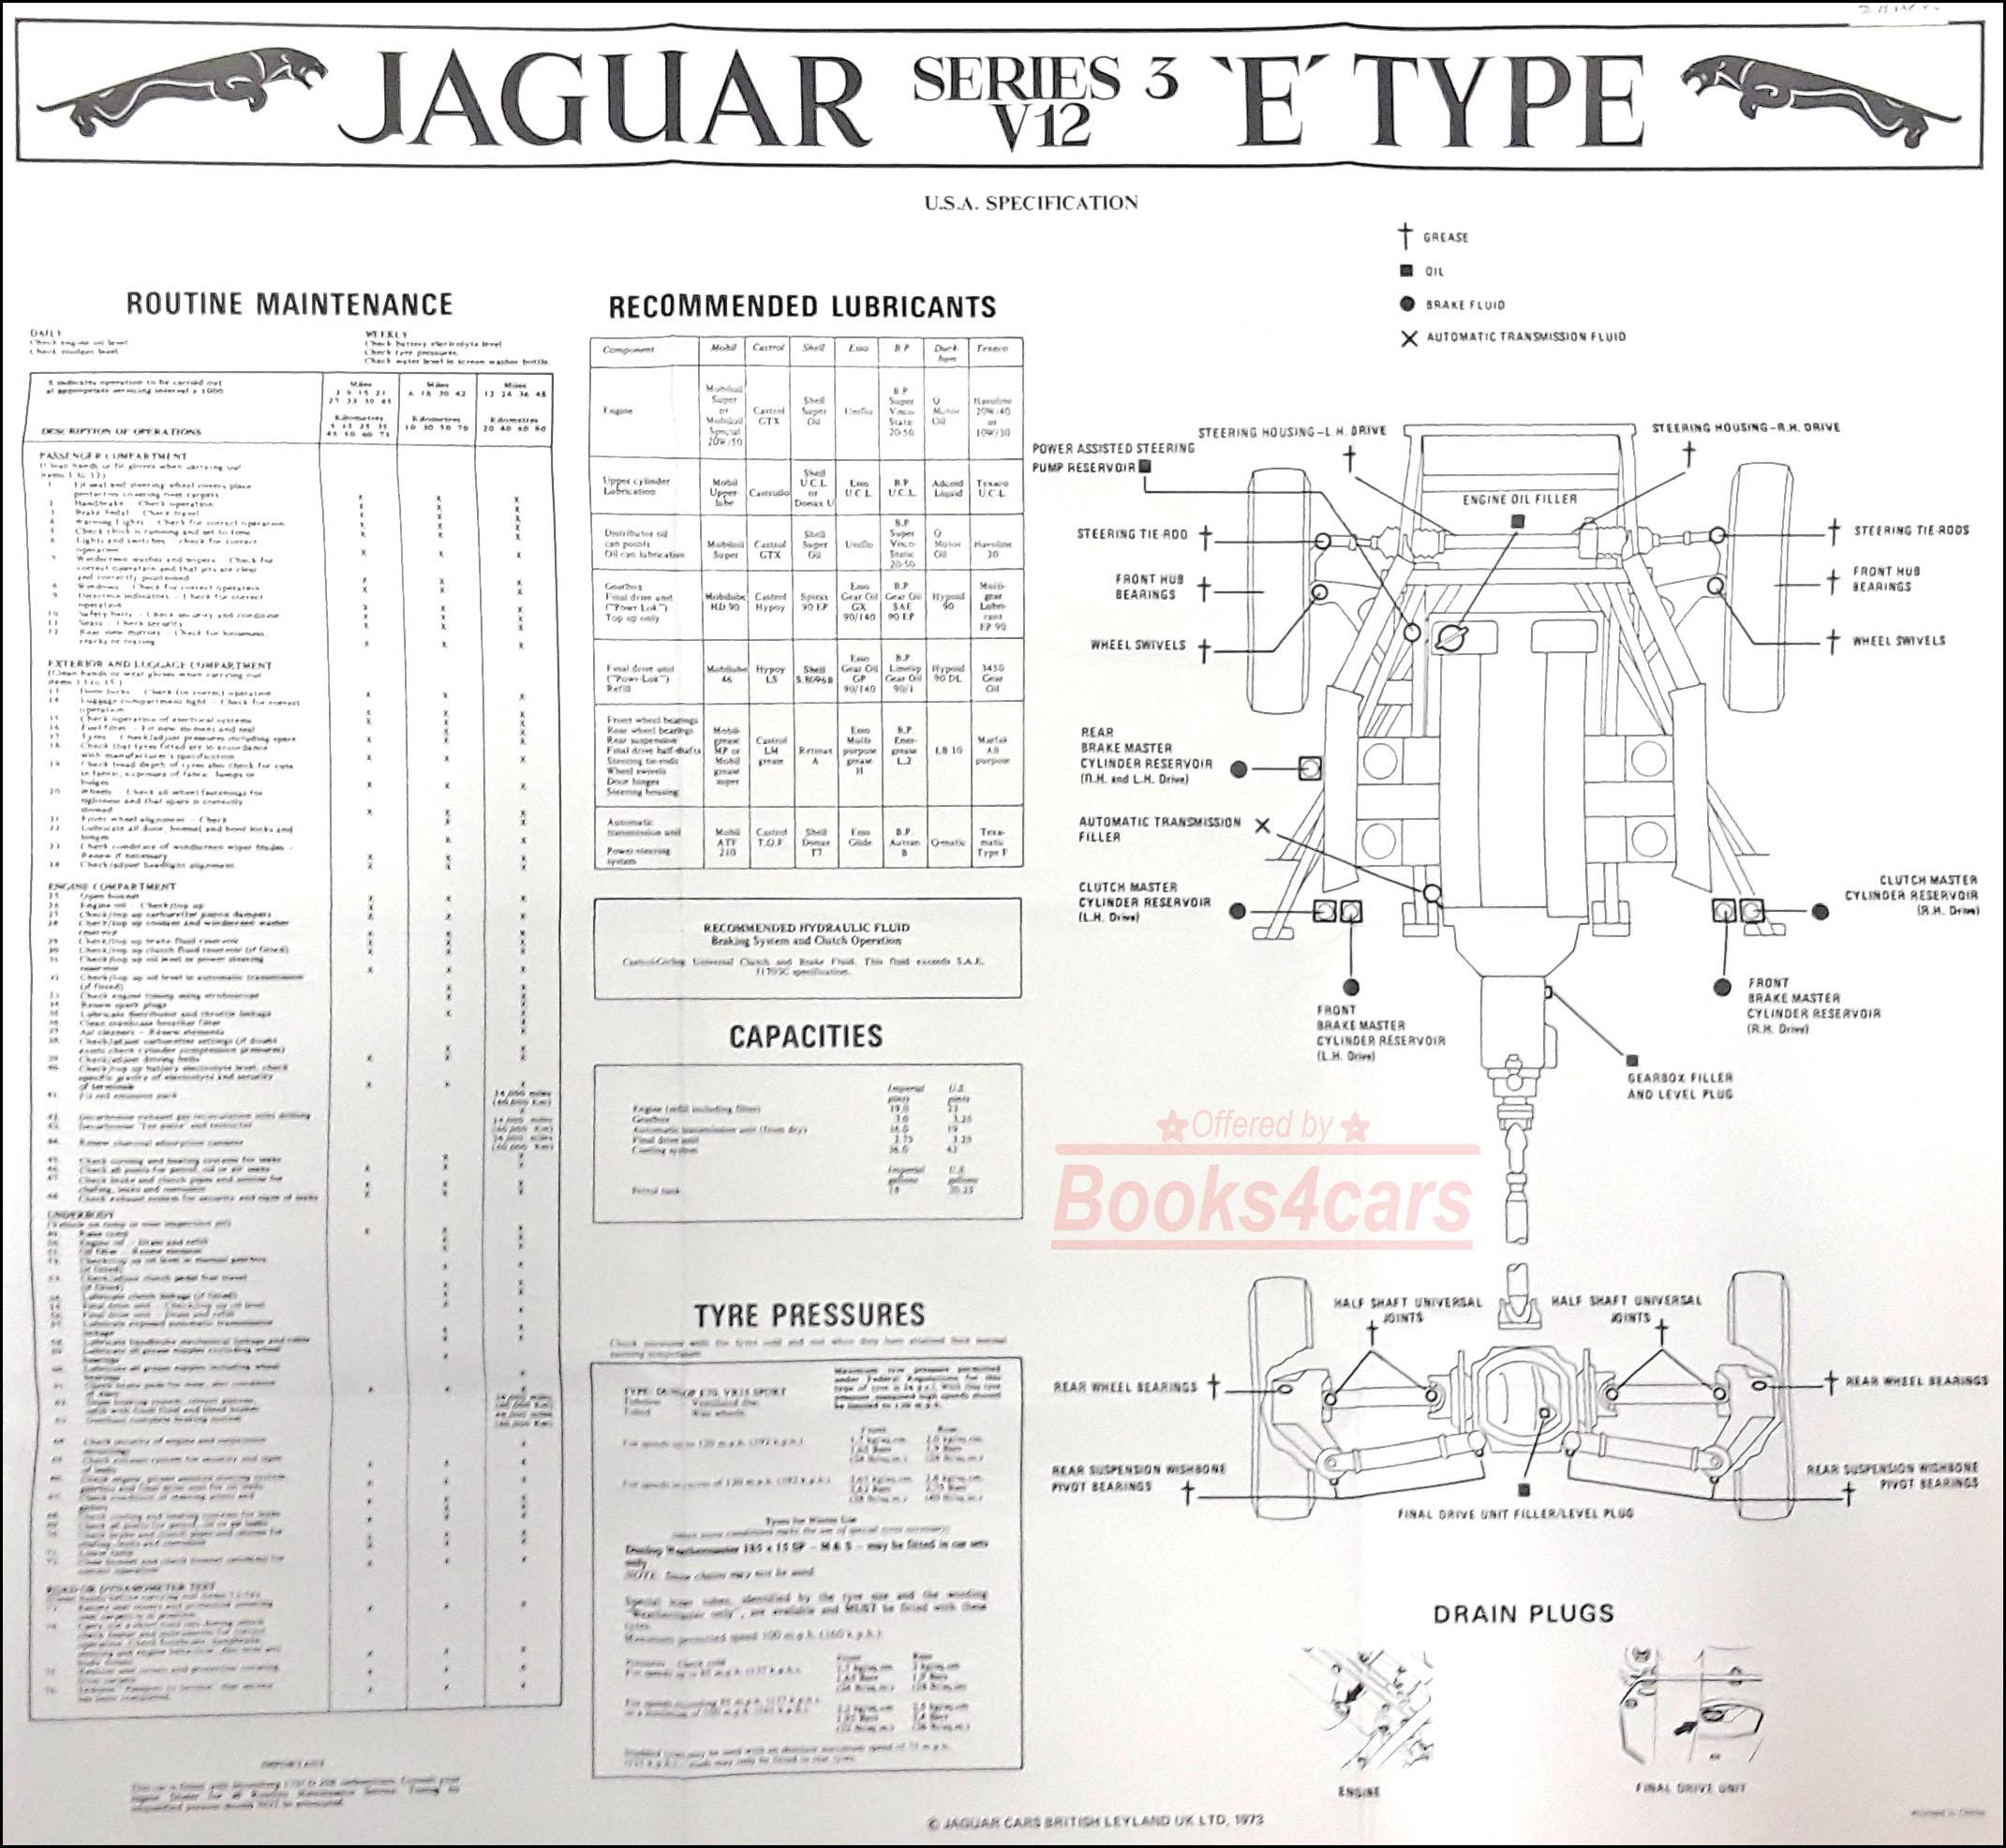 1968 Jaguar Xke Wiring Diagram Schematic Everything About 1966 E Type 3 8 Diagrams Schema Rh Valdeig Media De 1972